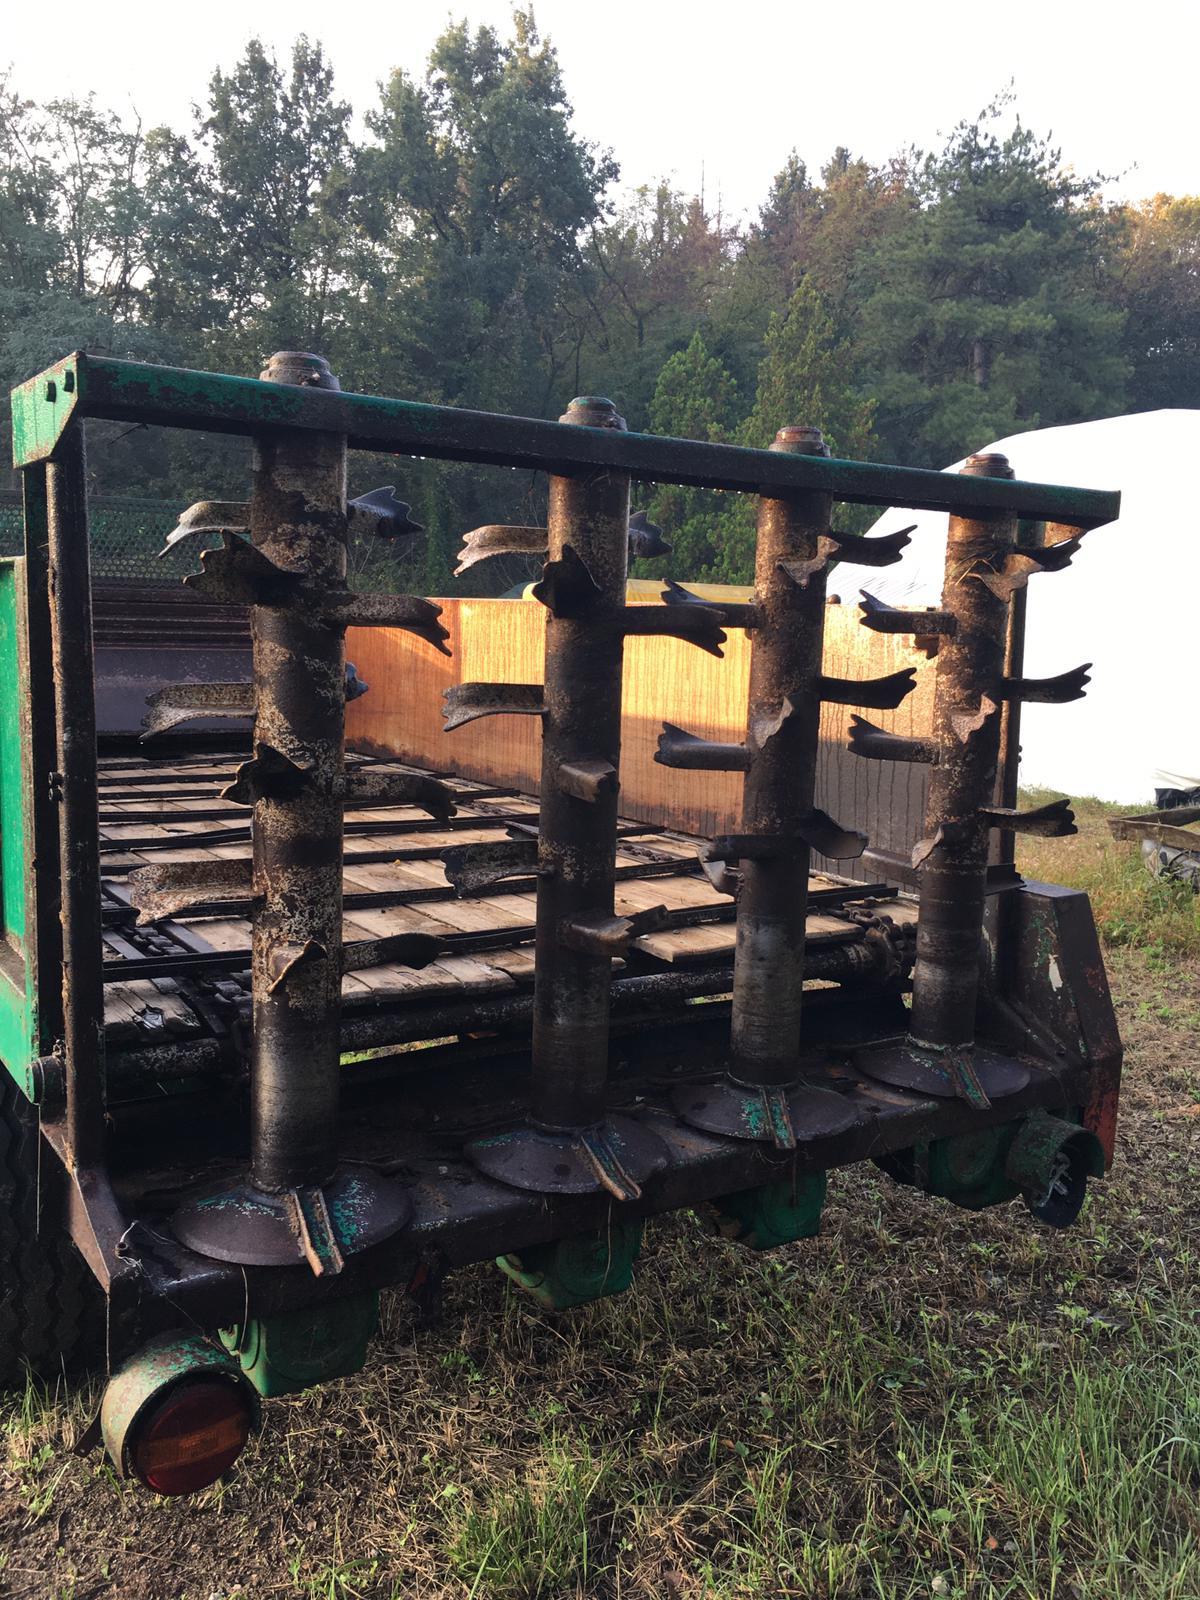 MACCHINARI E ATTREZZATURE AGRICOLE in vendita - foto 4